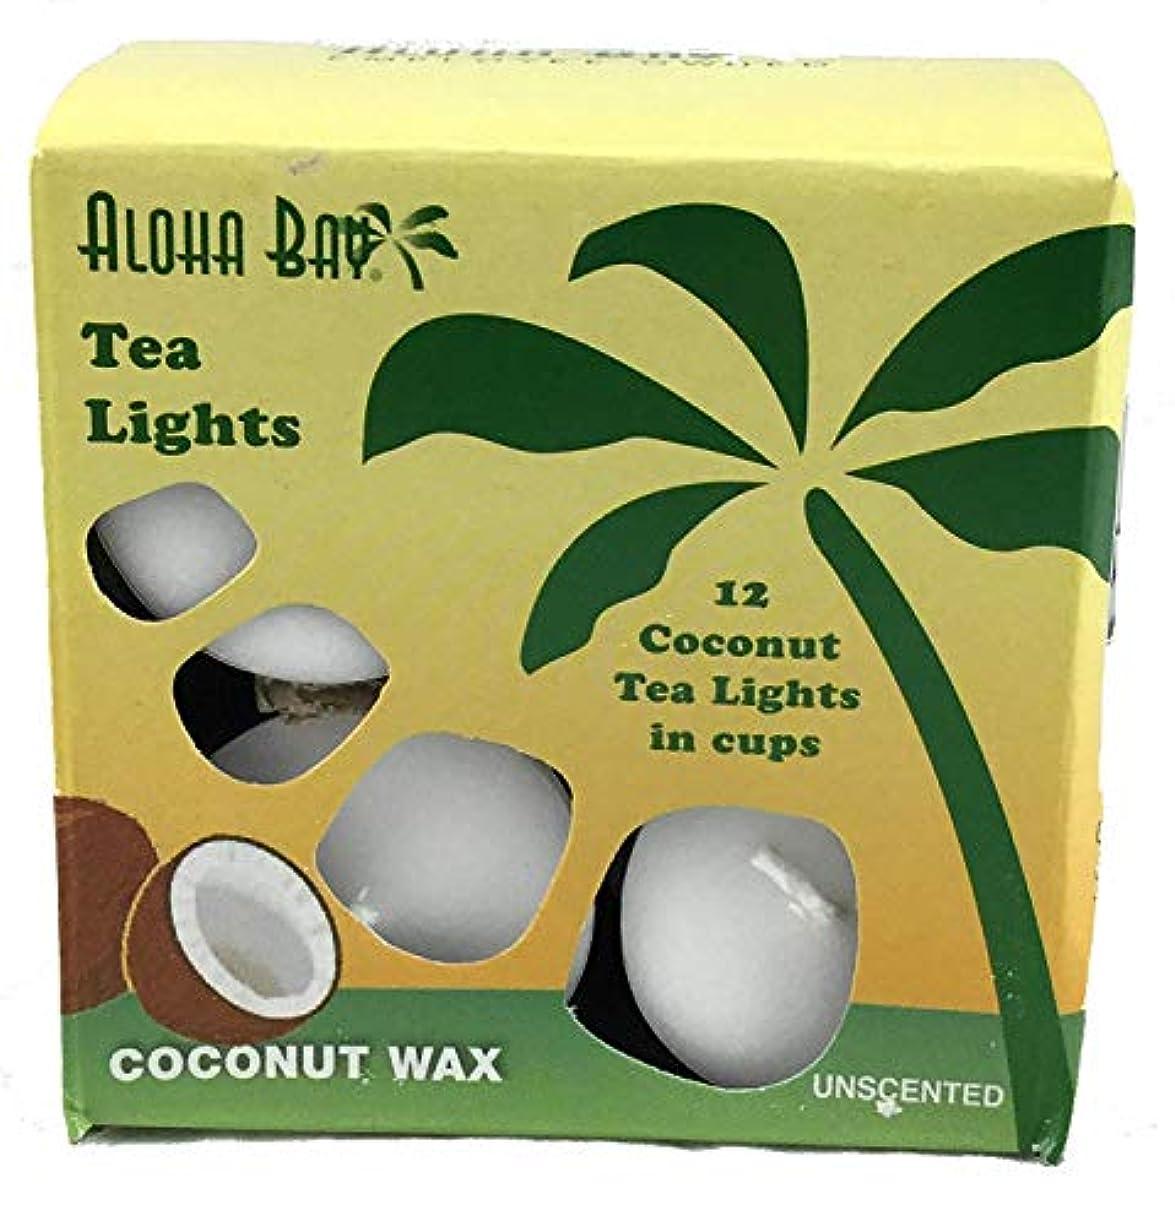 評価するデータ理容師Aloha Bay - 100% 植物性パーム ワックス茶軽い蝋燭無香料ホワイト - 12パック